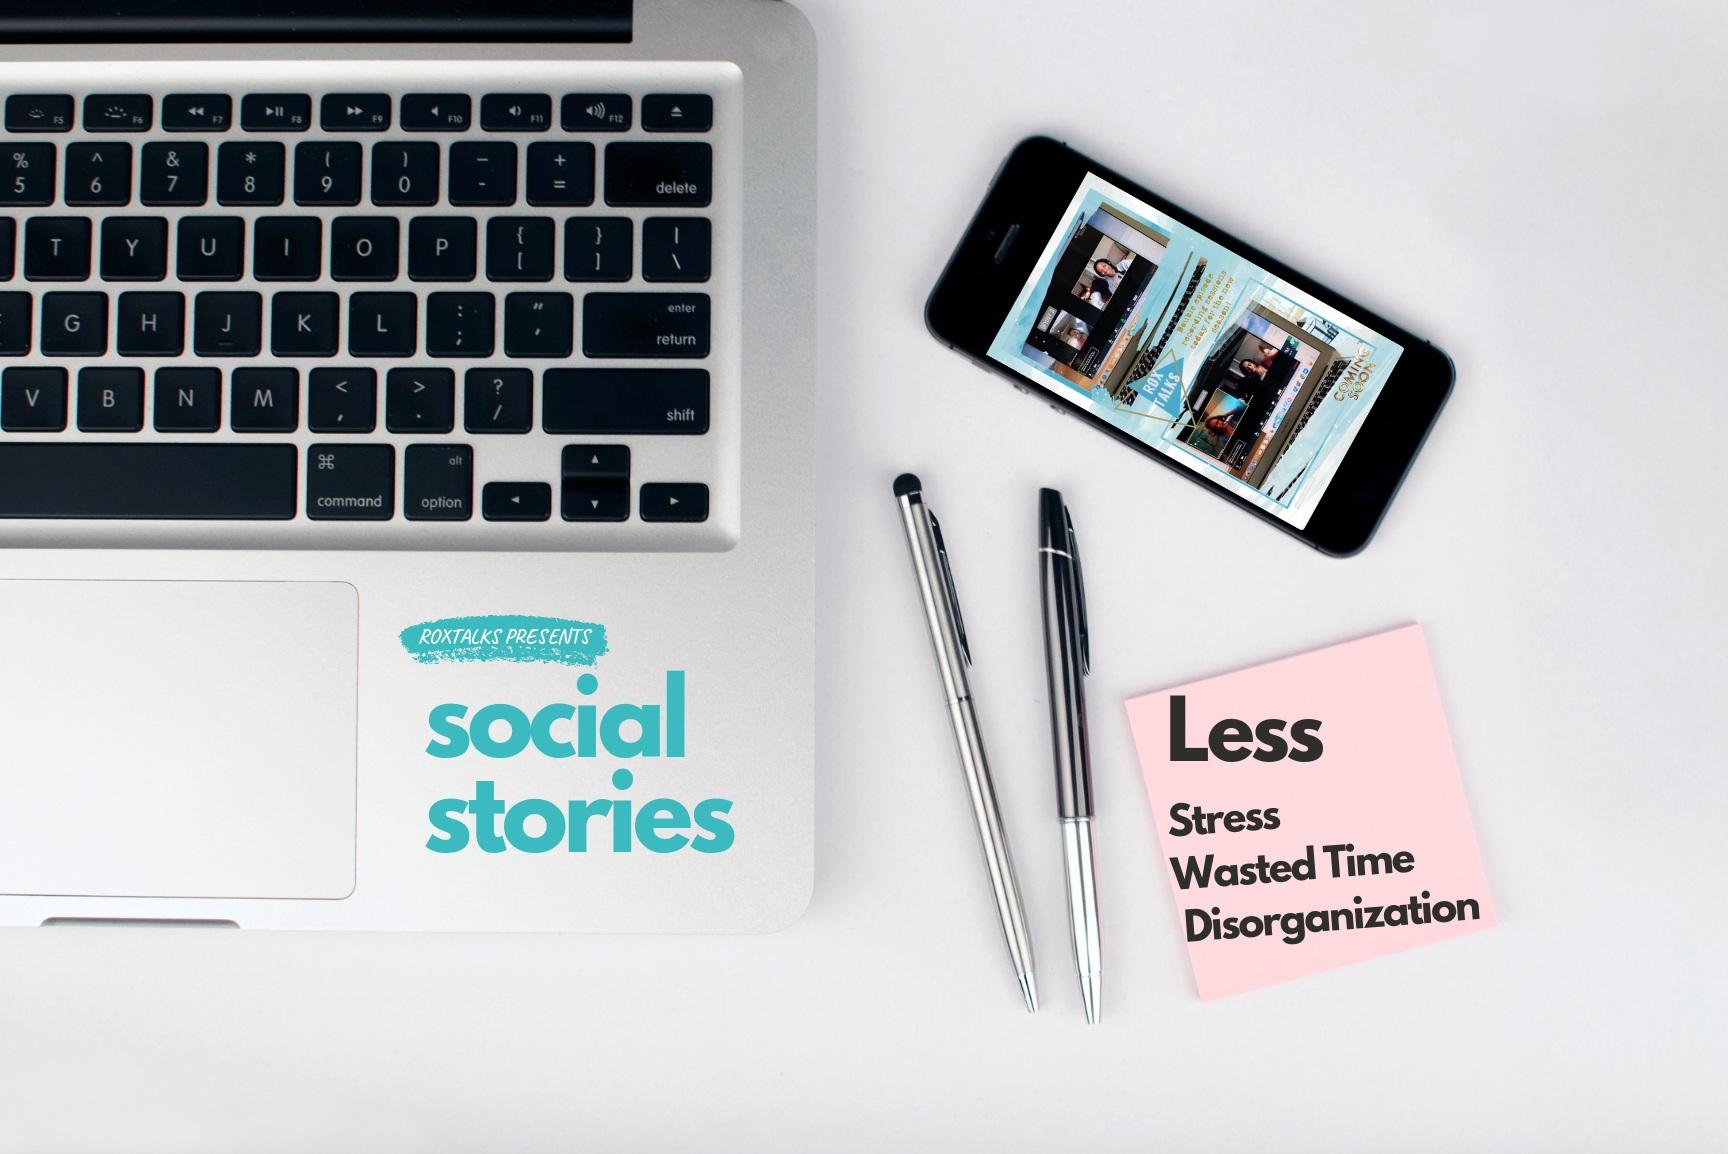 social+stories+less.jpg